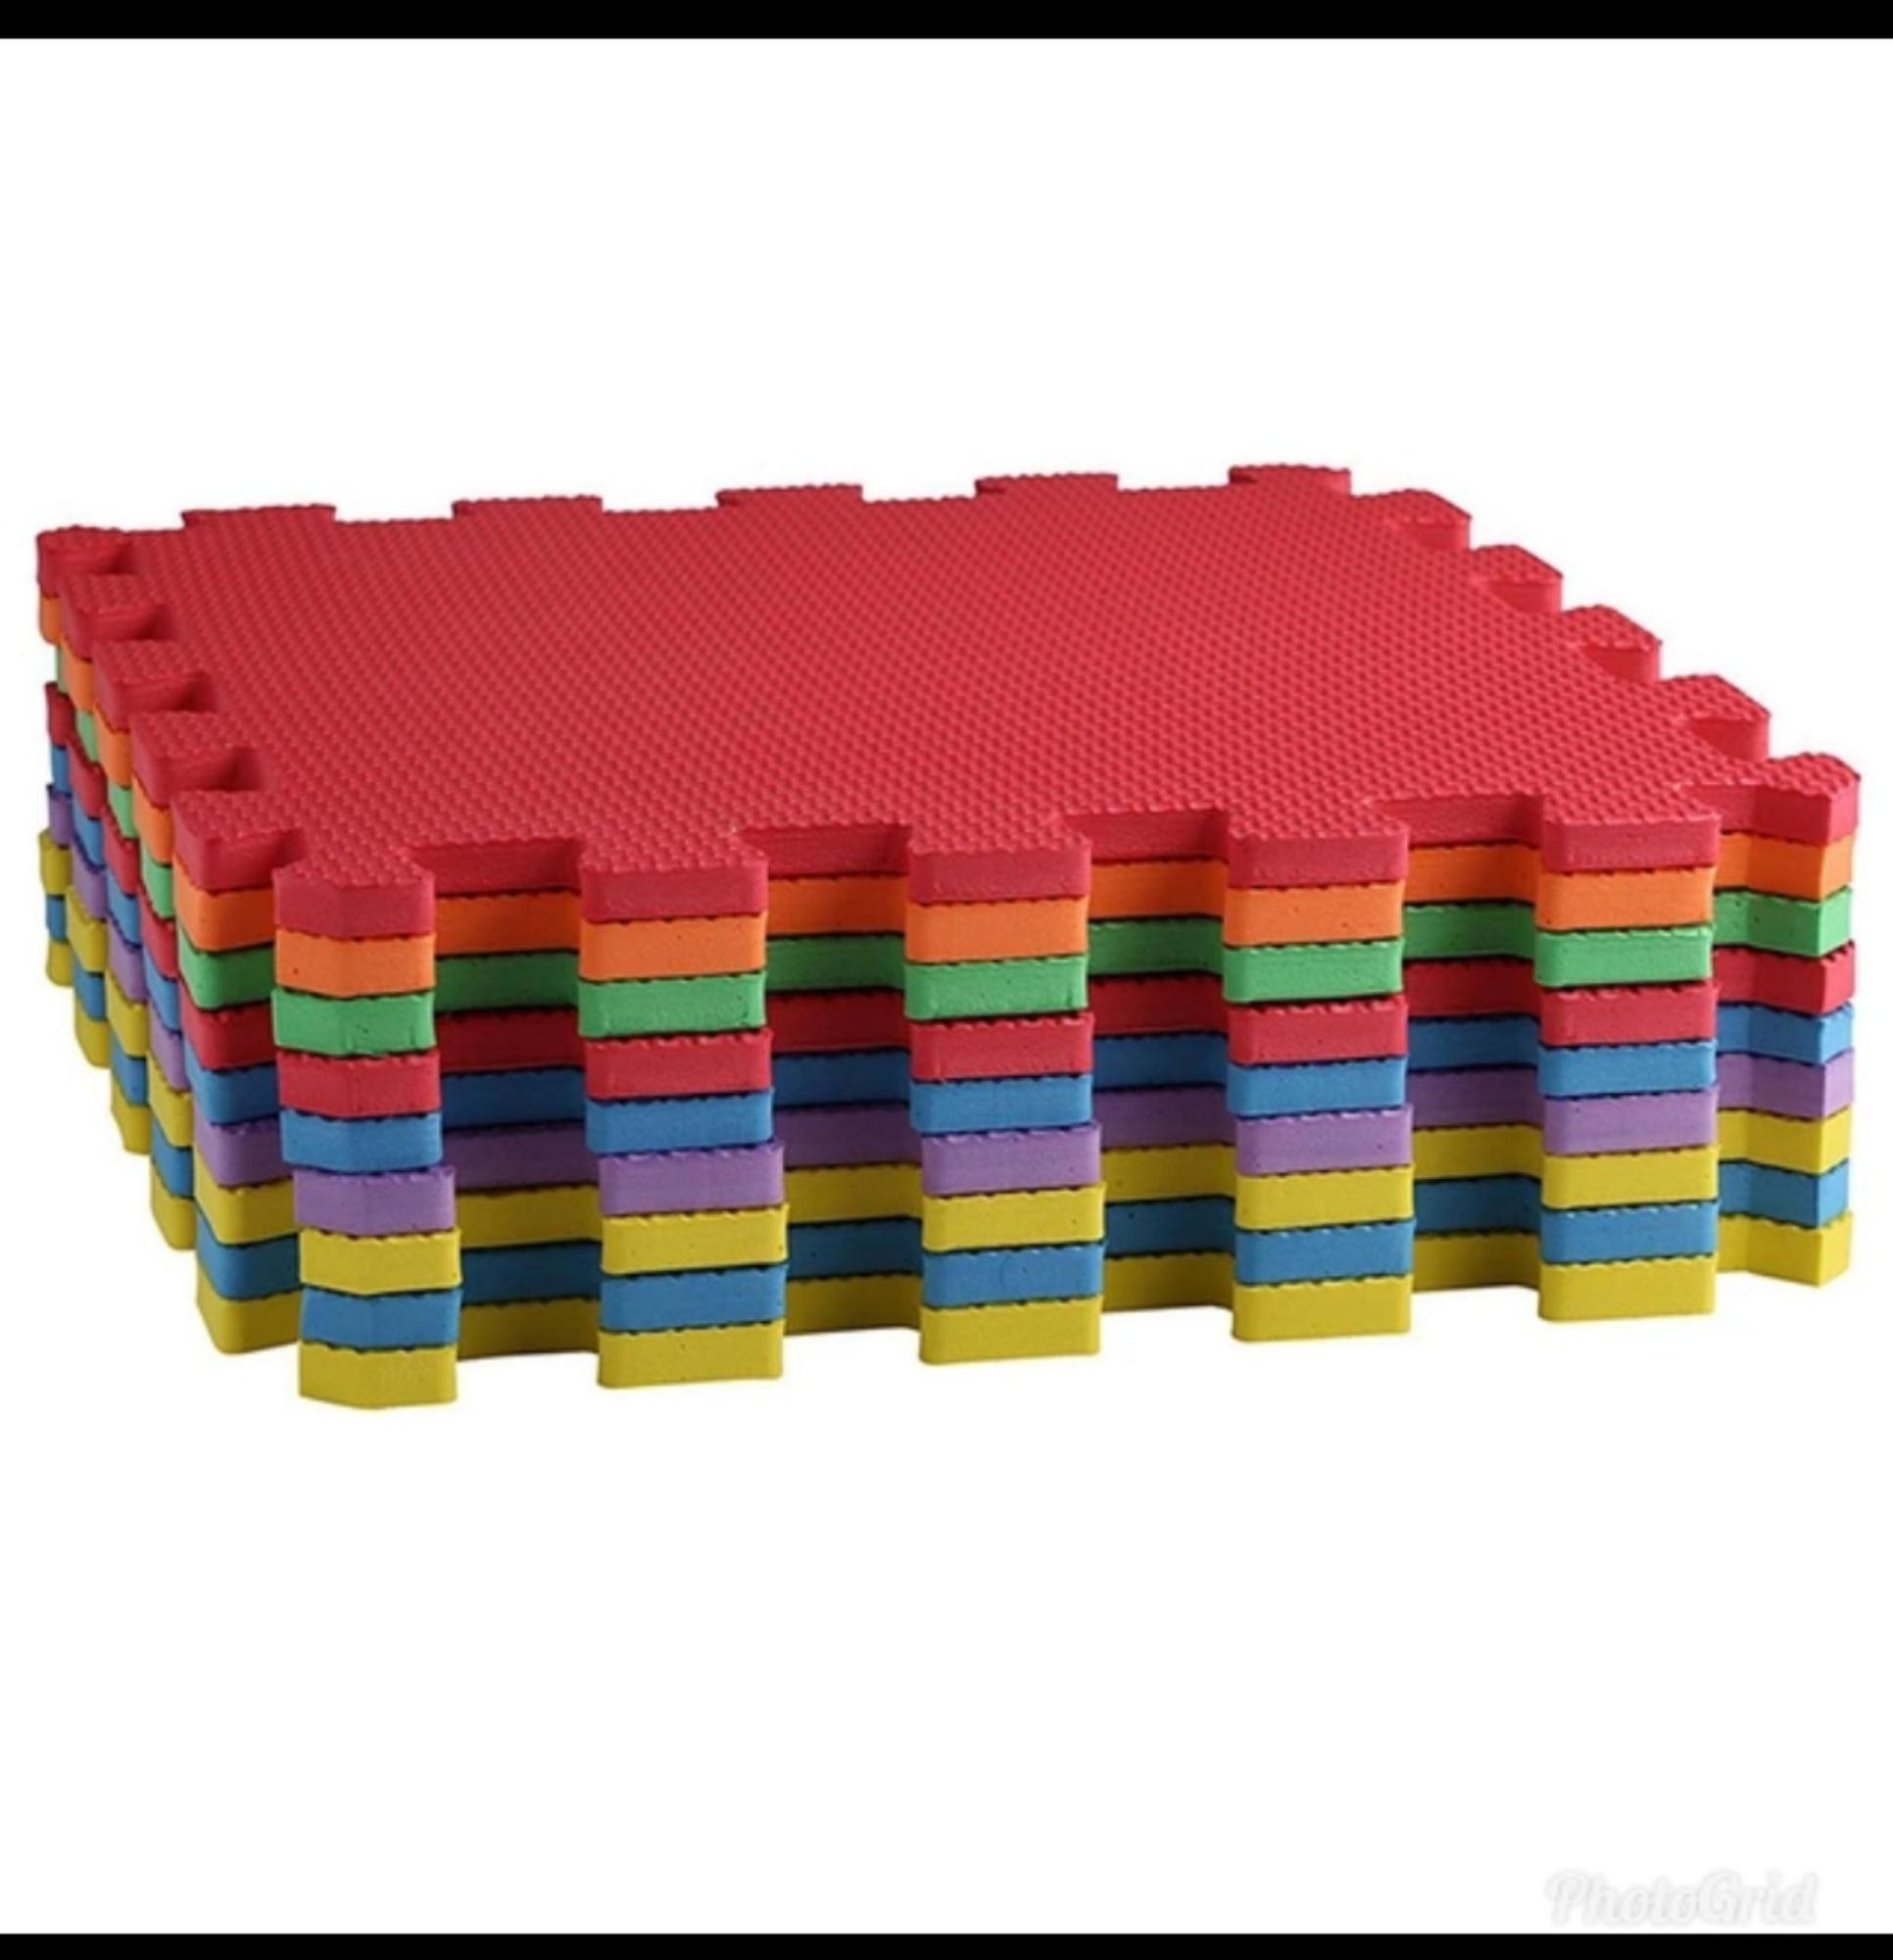 en sure felt walmart rollup canada mats lox mat puzzle ip